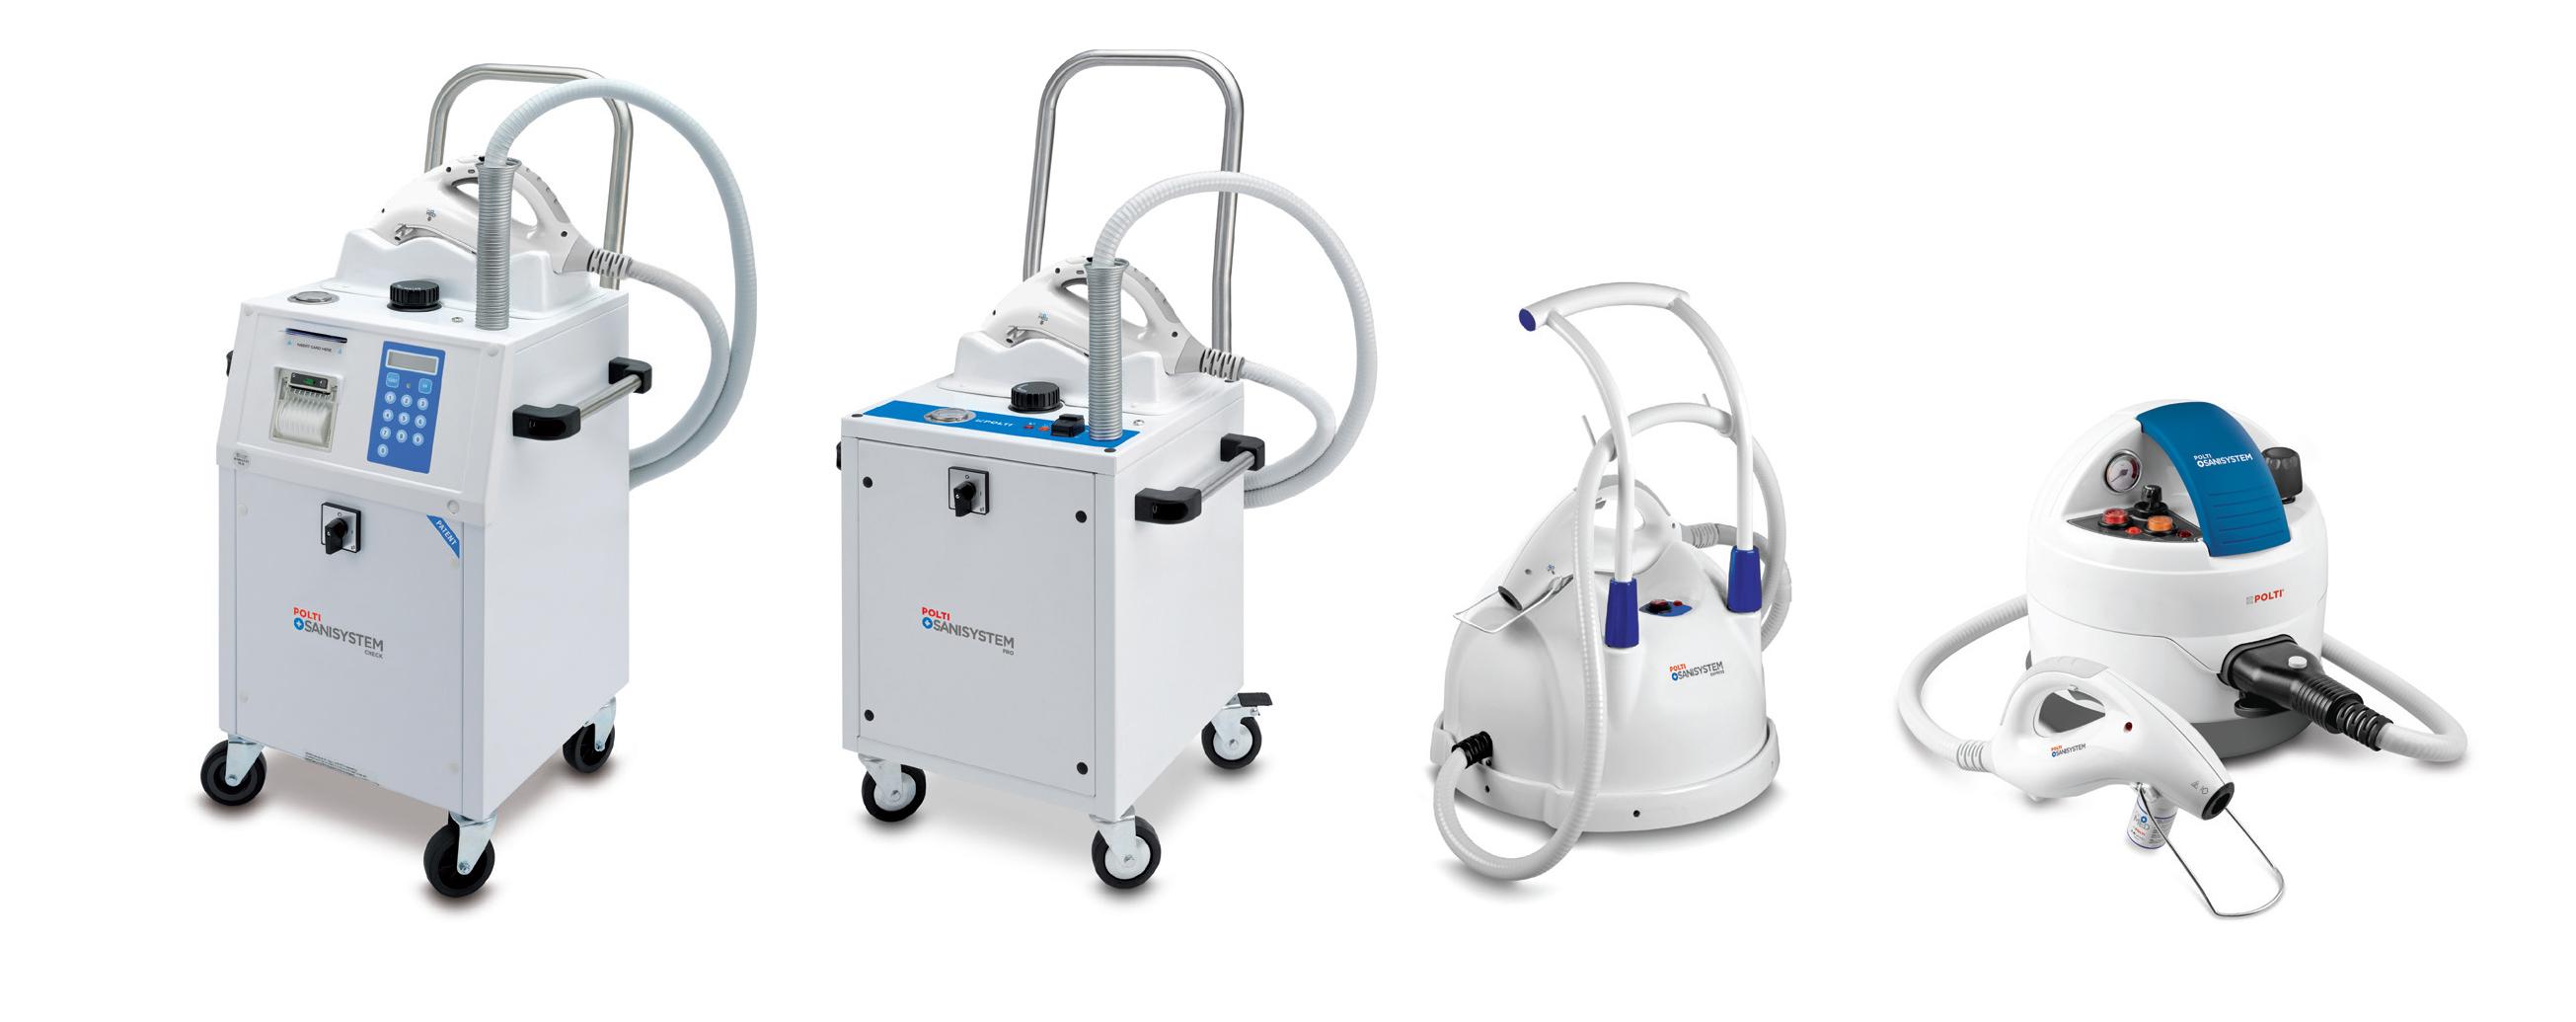 Los productos de Polti Sani System ofrecen eficacia contra el Sars-Cov-2